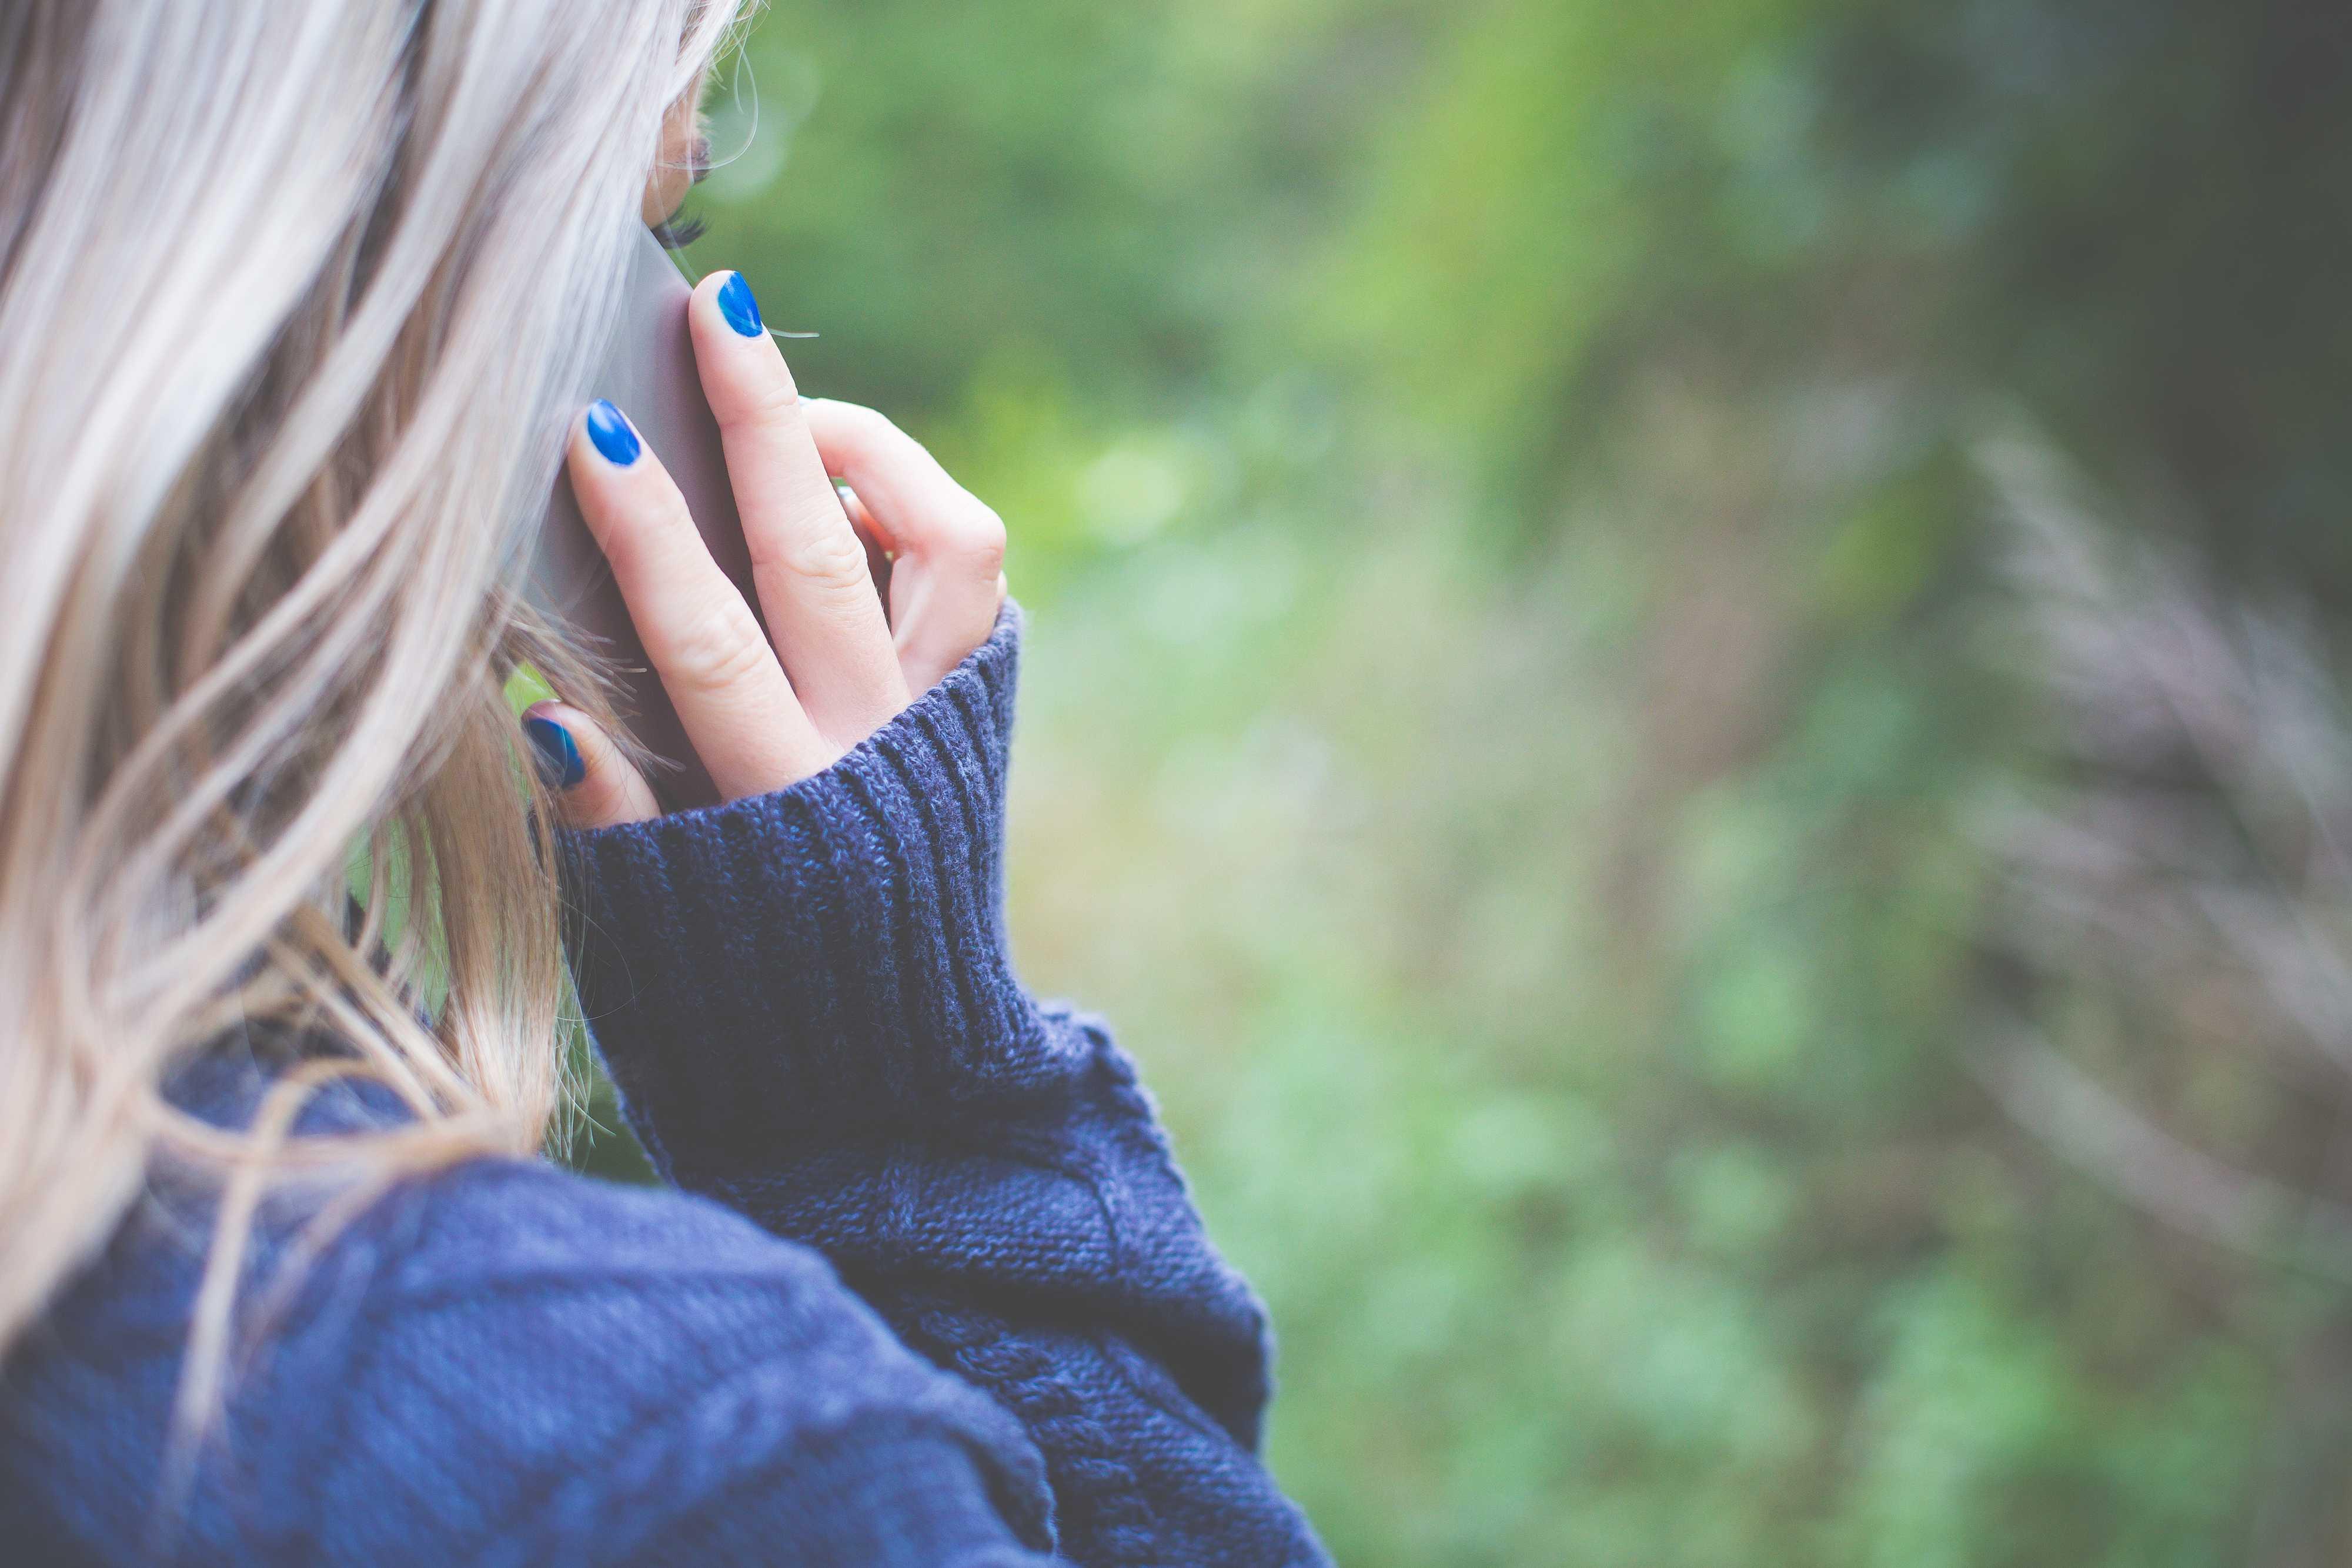 Ljubovnyj trykutnyk — jak smartfony vplyvajuť na stosunky i ščo iz cym robyty